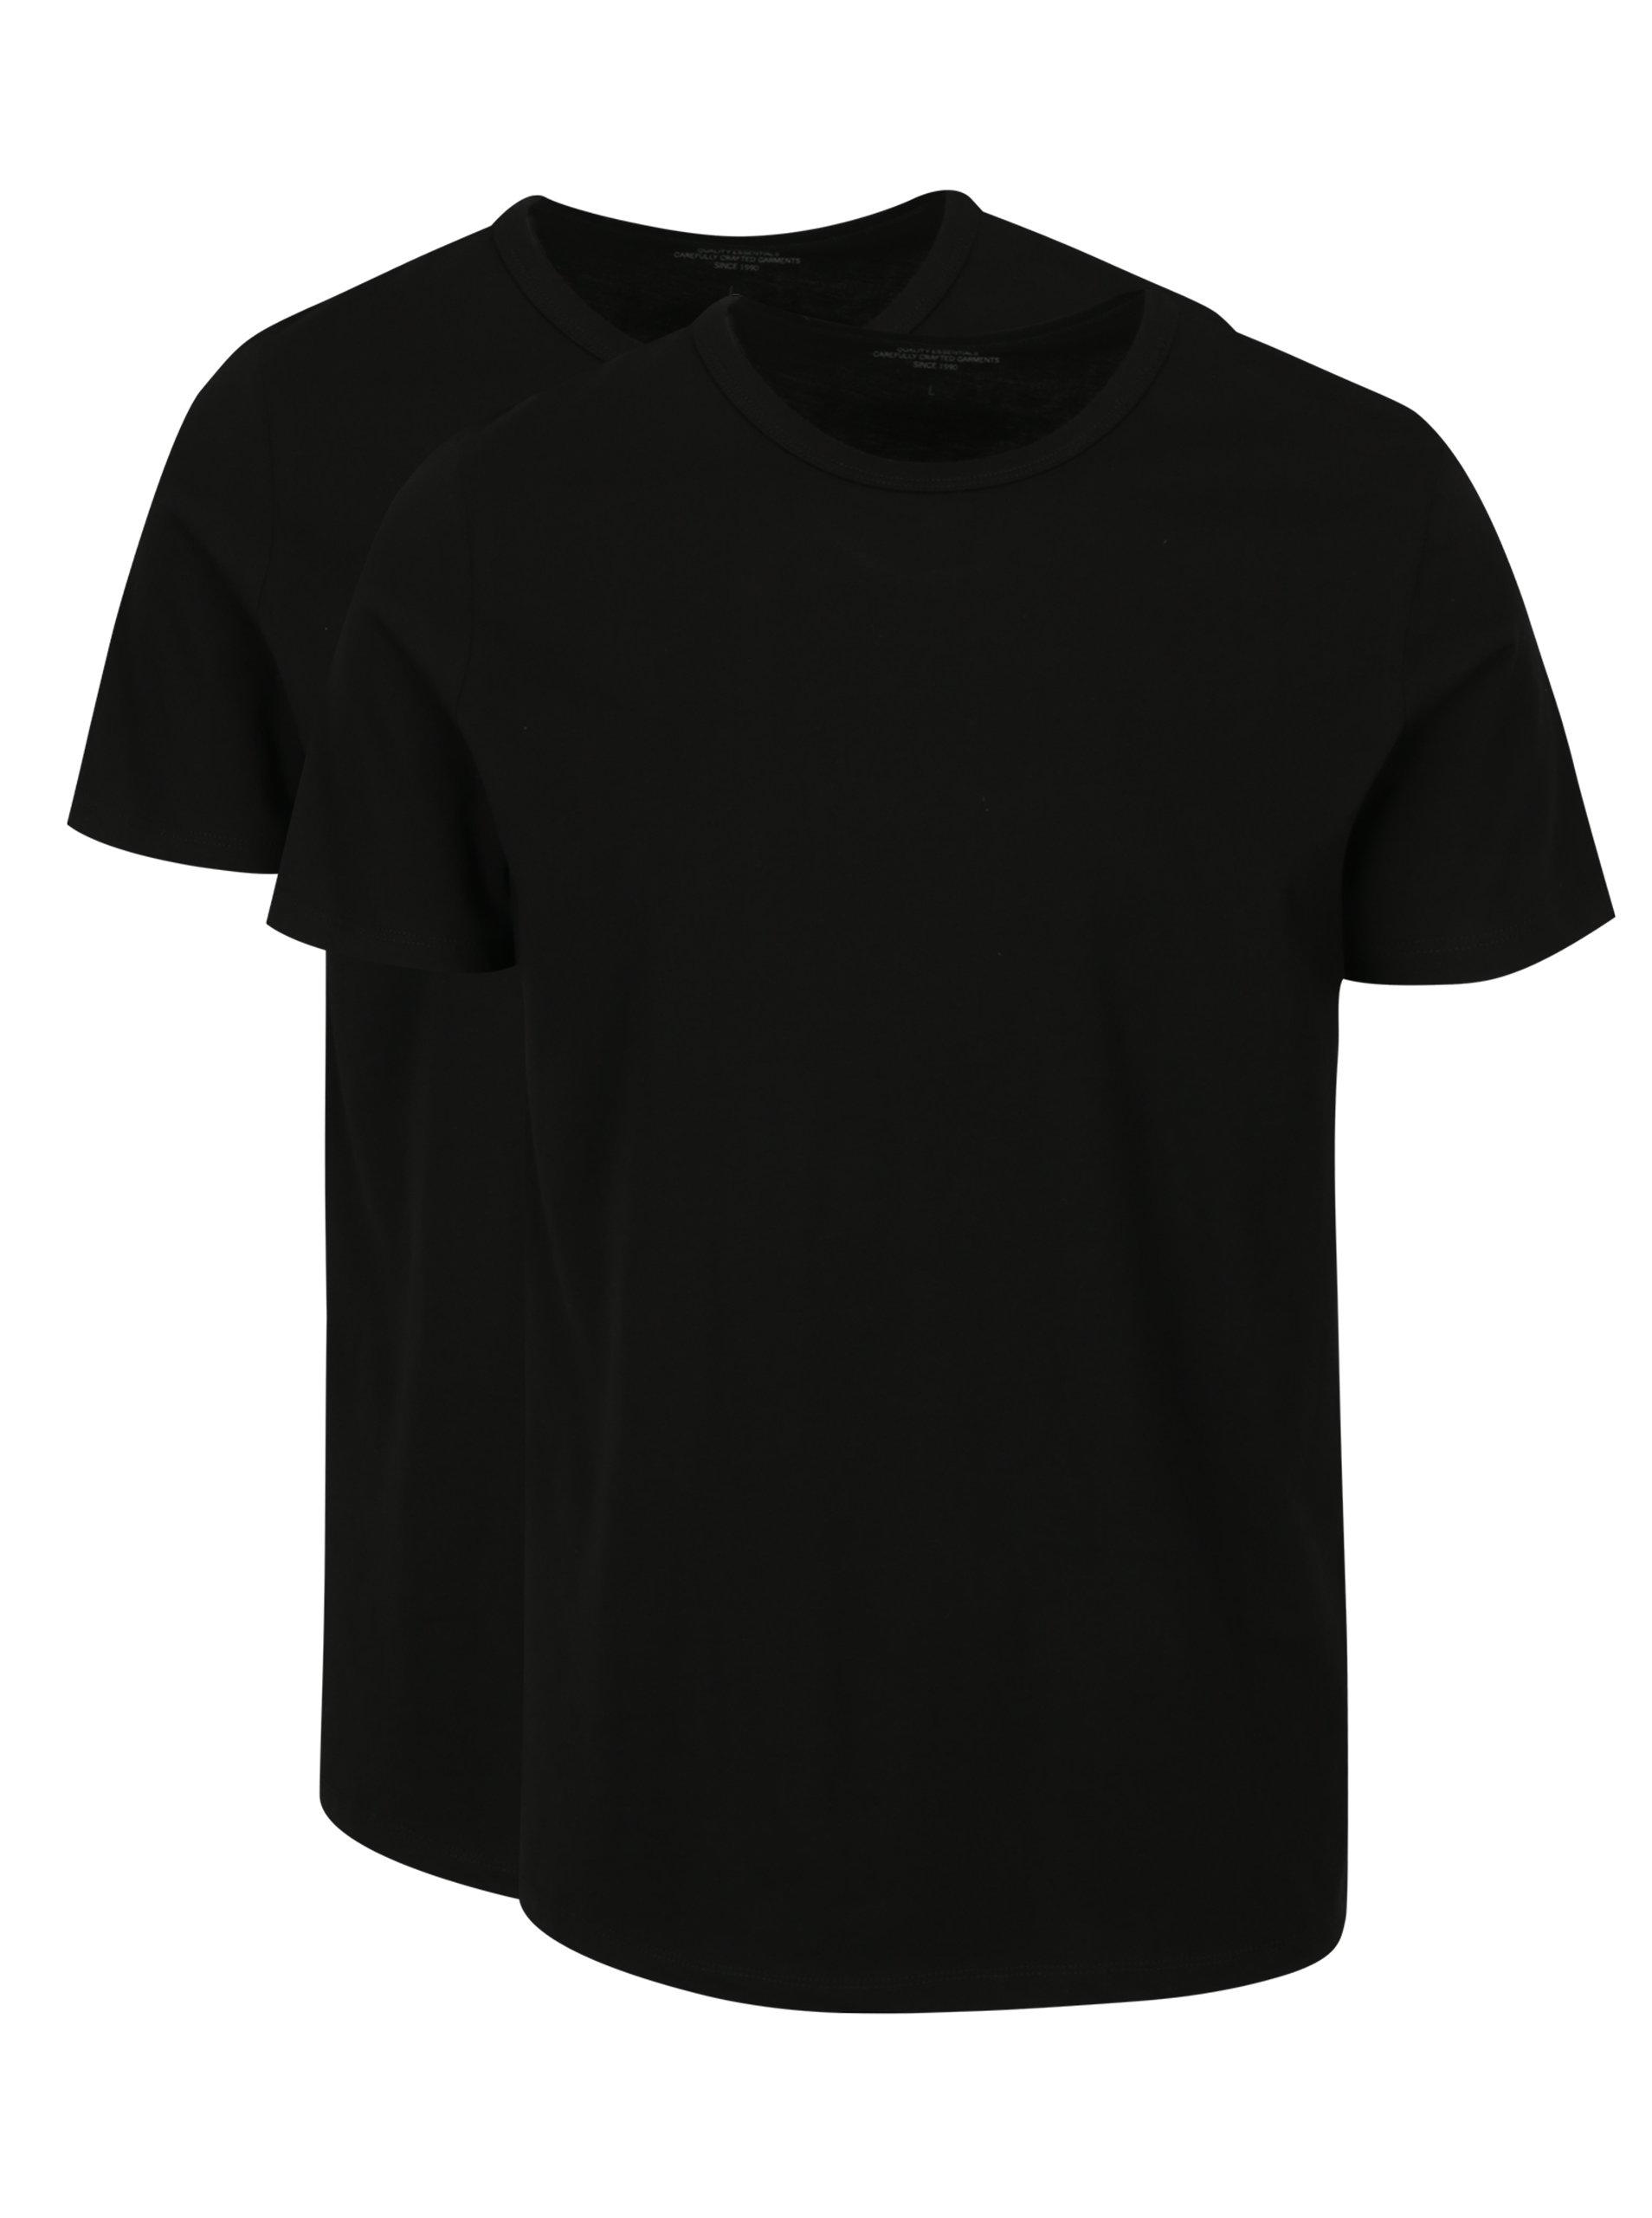 Súprava dvoch čiernych basic tričiek s krátkym rukávom Jack & Jones Basic